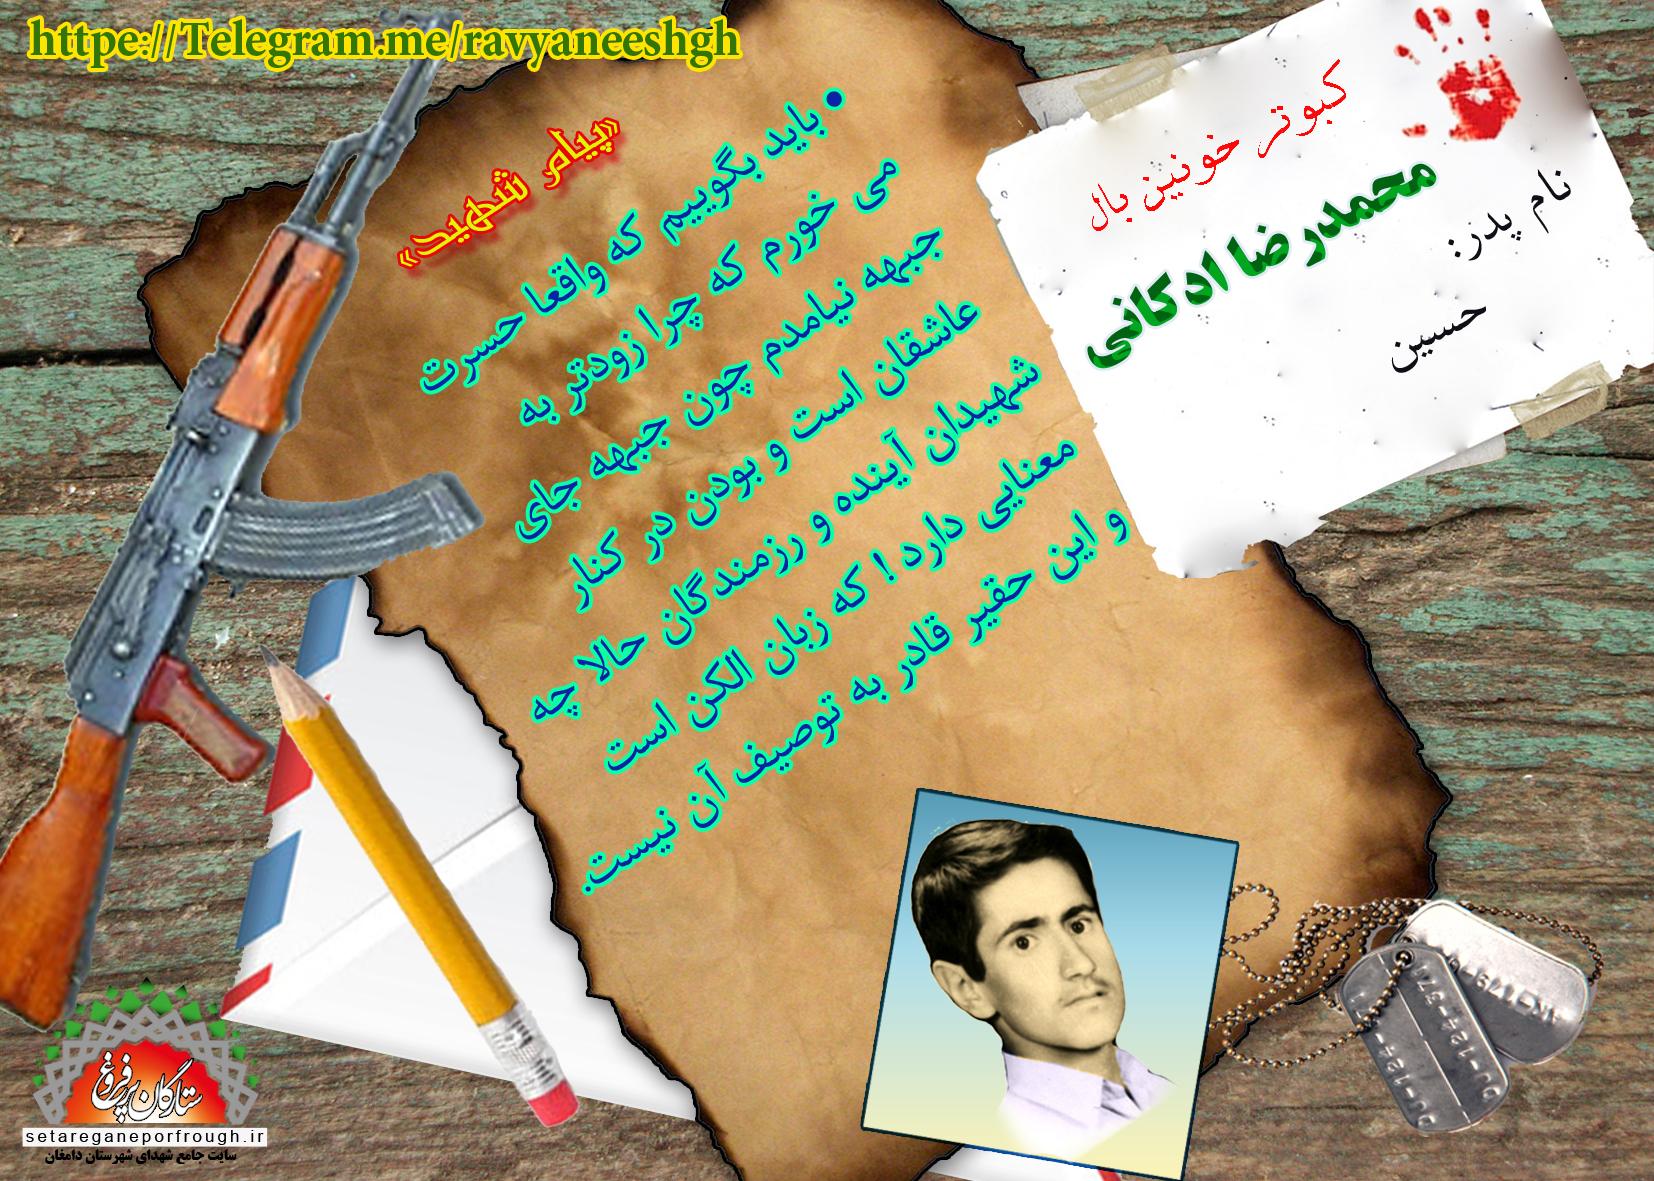 پیام شهید_گزیدهای از وصیتنامه شهید محمدرضا اردکانی